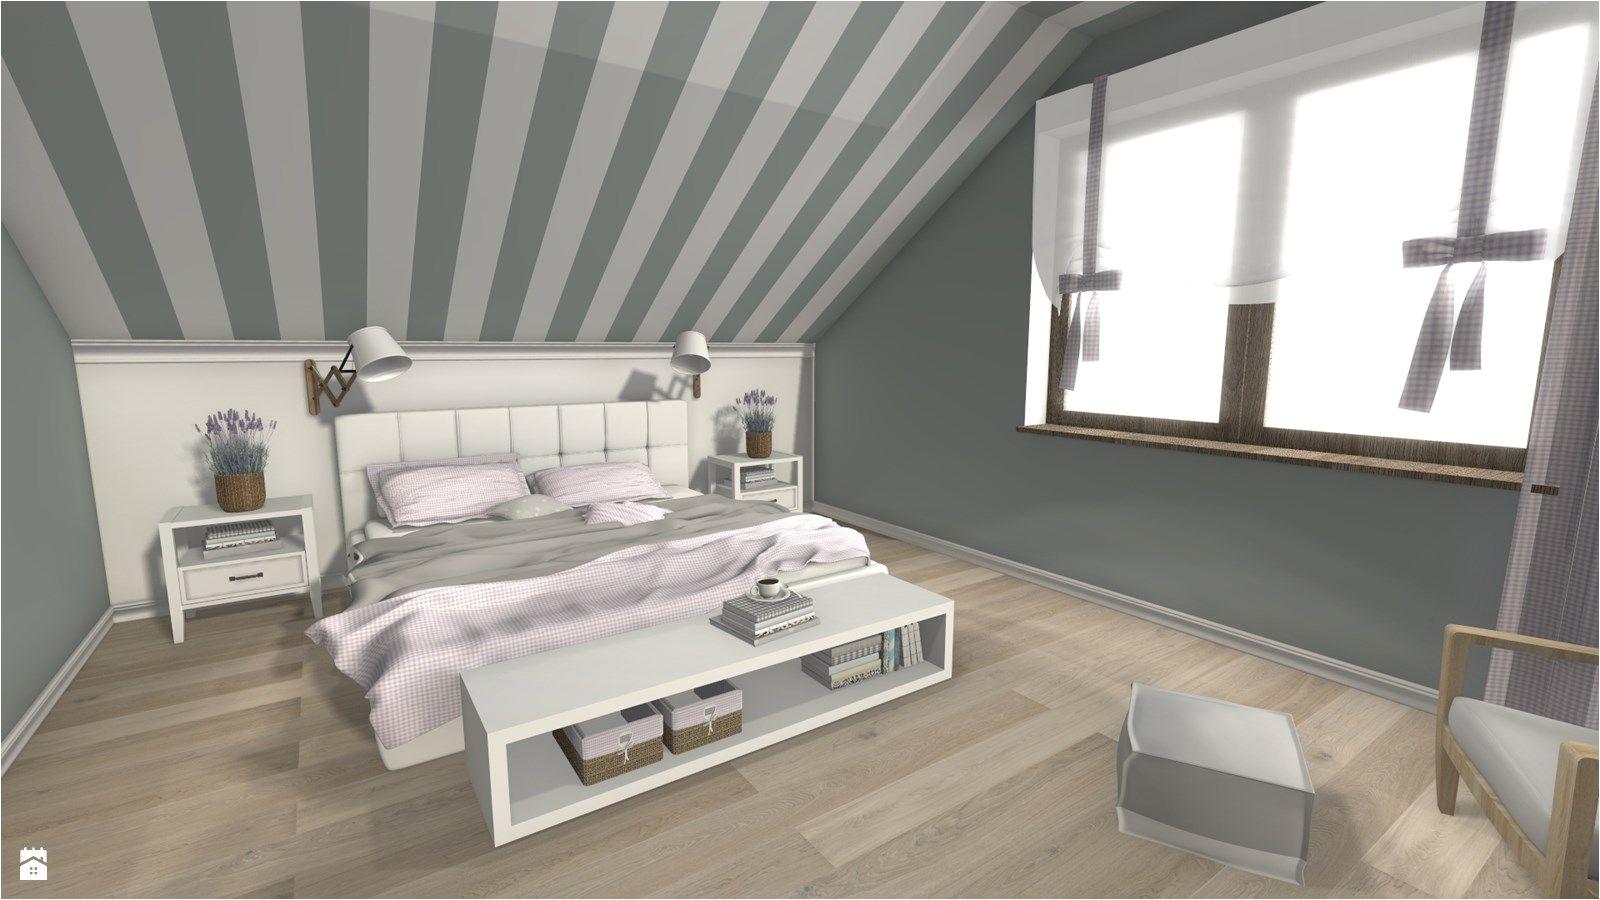 sypialnia styl prowansalski zdja cie od atena projektowanie wna trz sypialnia styl prowansalski atena